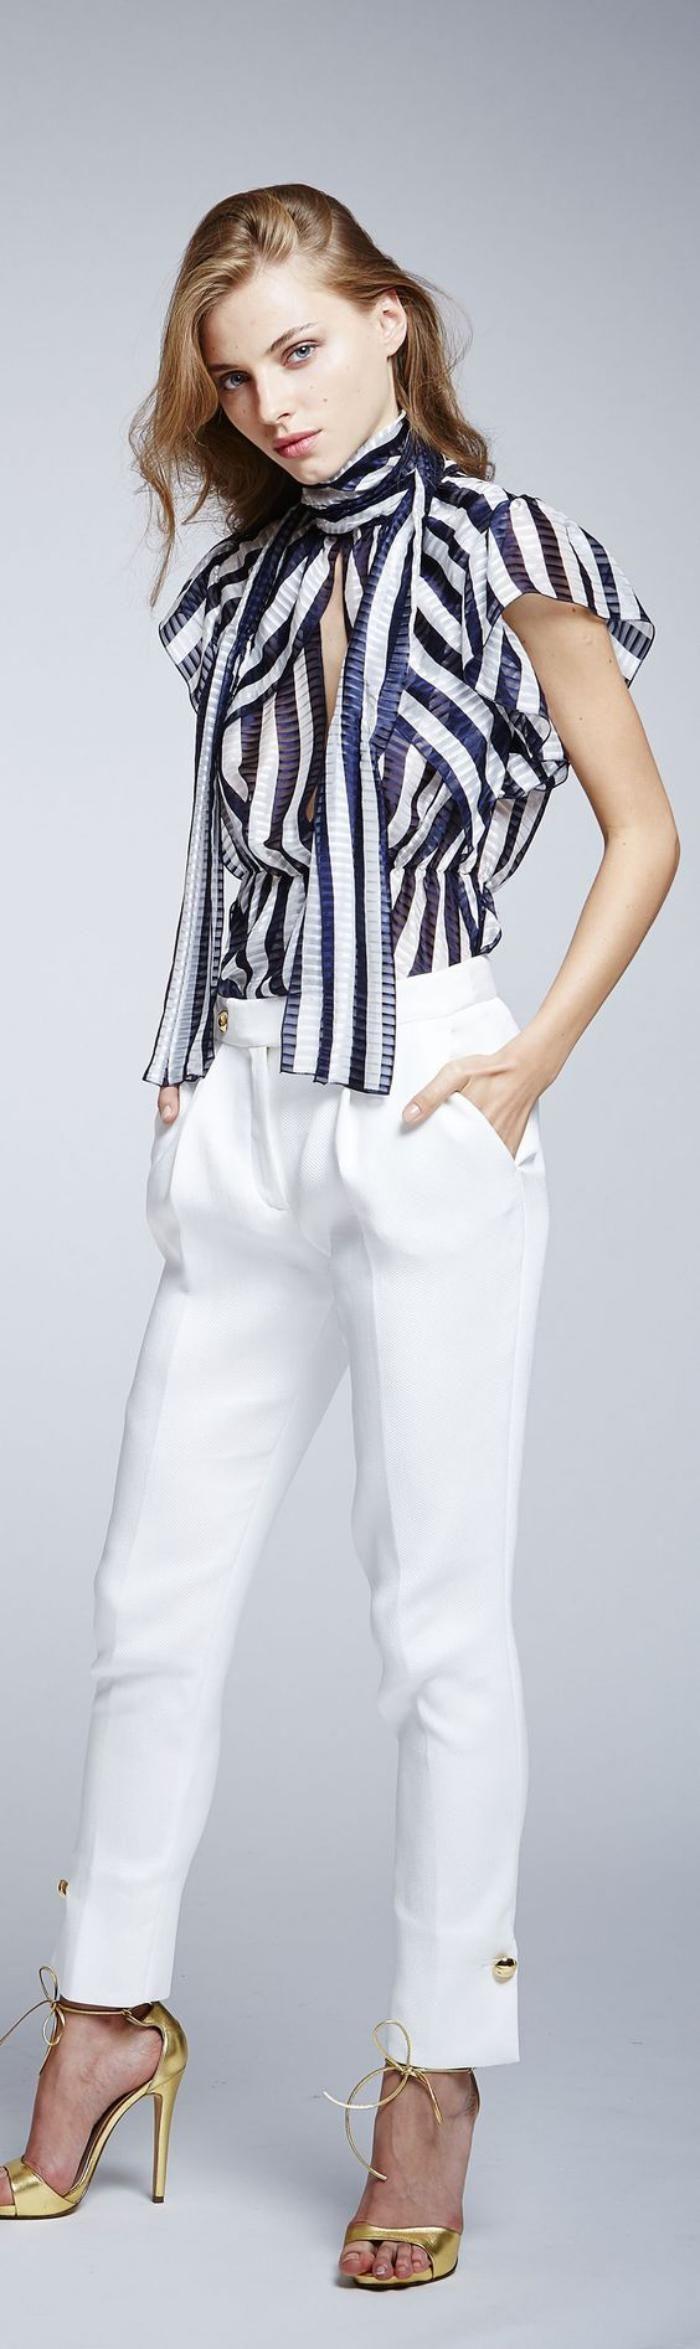 chemise rayée femme, outfit super chic, un chemisier superbe à rayures larges